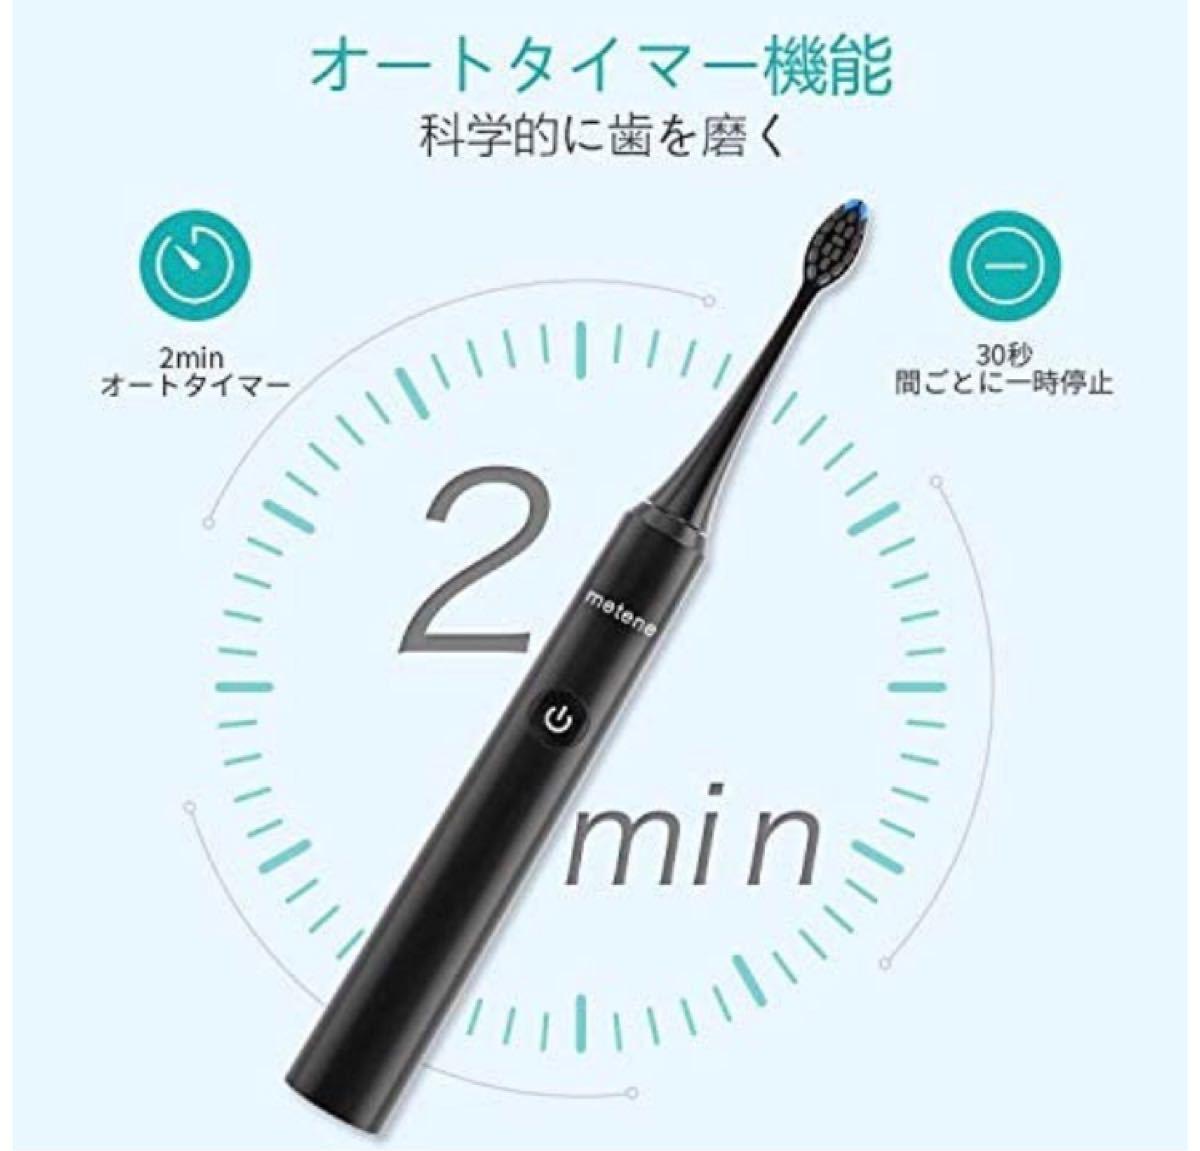 電動歯ブラシ 音波歯ブラシ 歯ブラシ ソニック 5つのモード